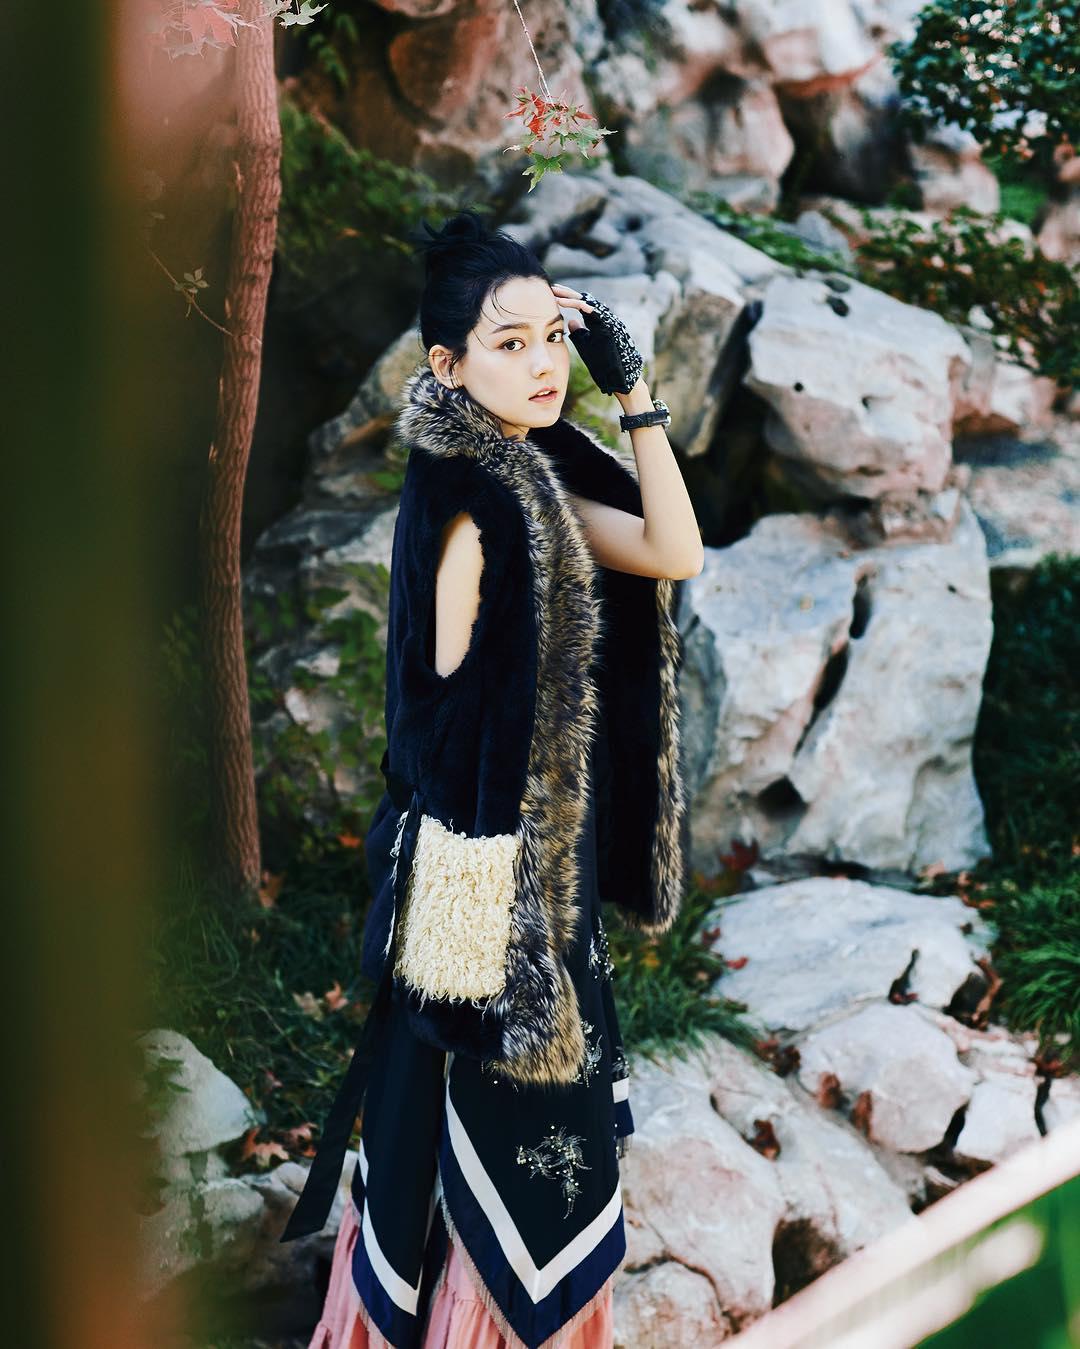 小蝴蝶姊姊拿權杖拯救地球 胡扯嘛 李詩穎 - 美女圖 -